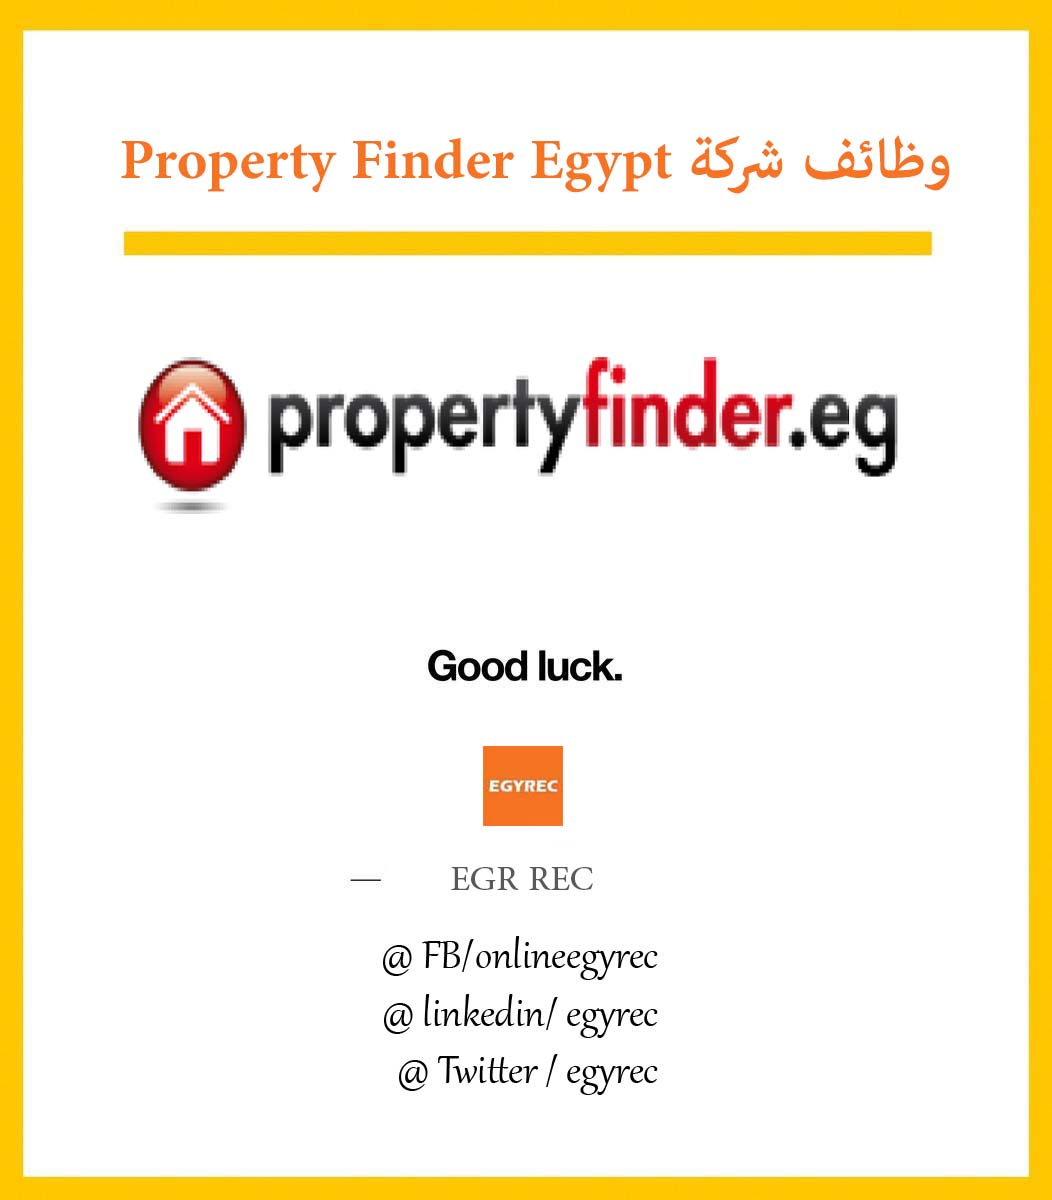 وظائف محاسبين حديثي التخرج في شركة Property Finder Egypt